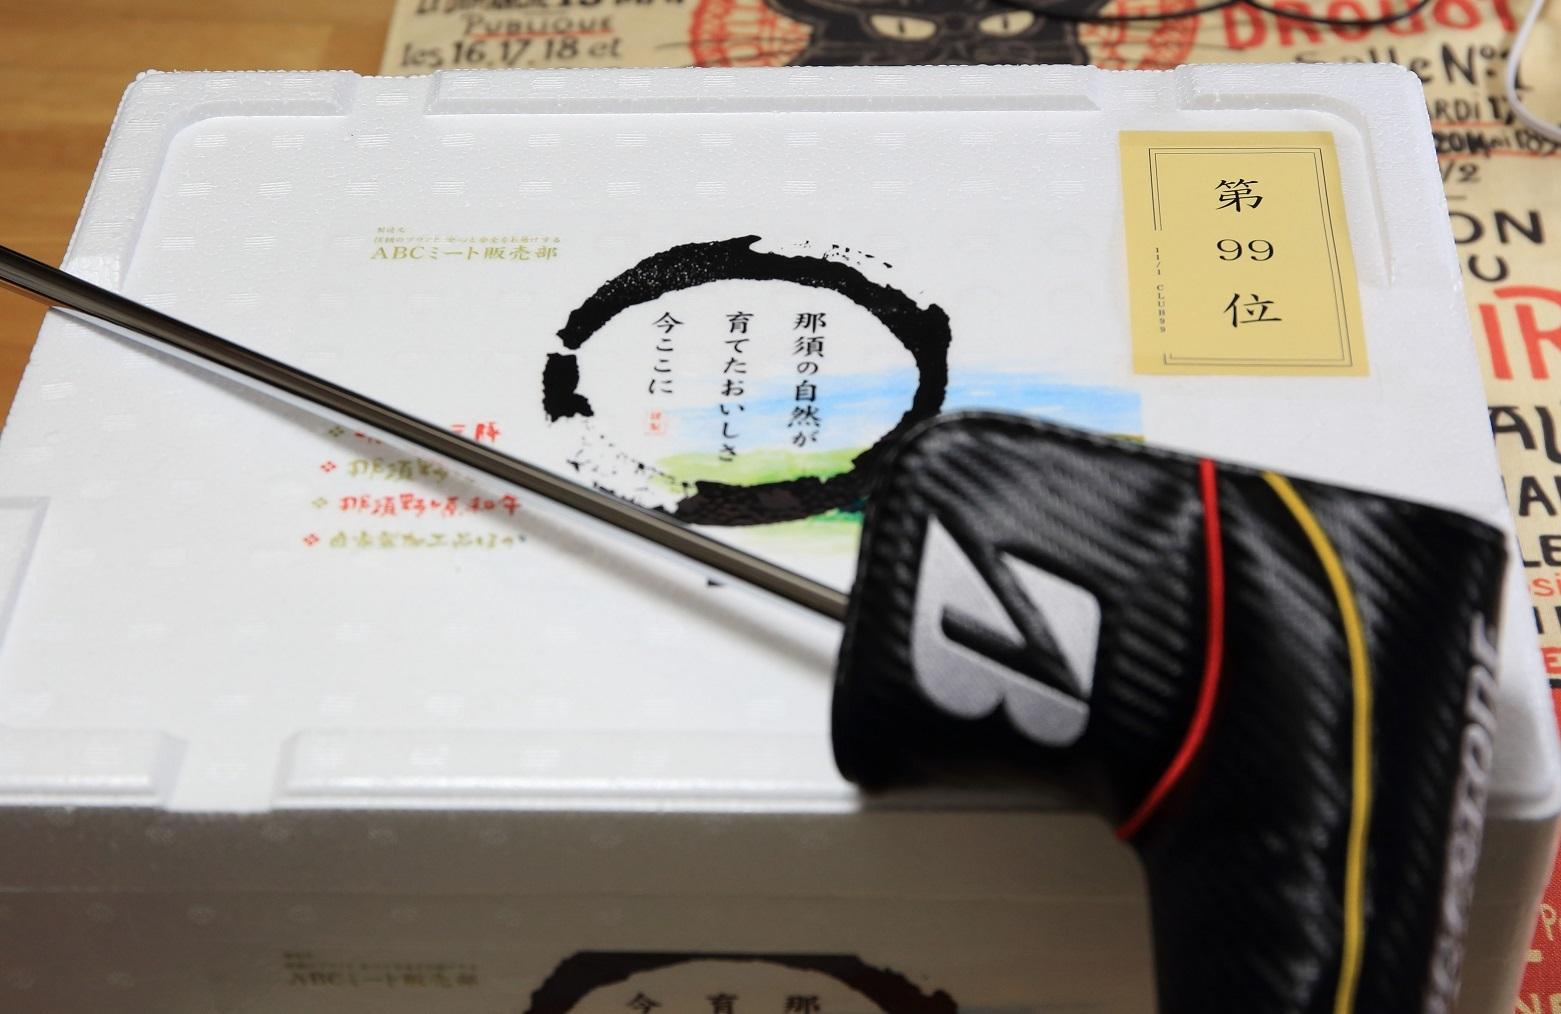 2017 11 01 ブログ やったー 豪華賞品.jpg